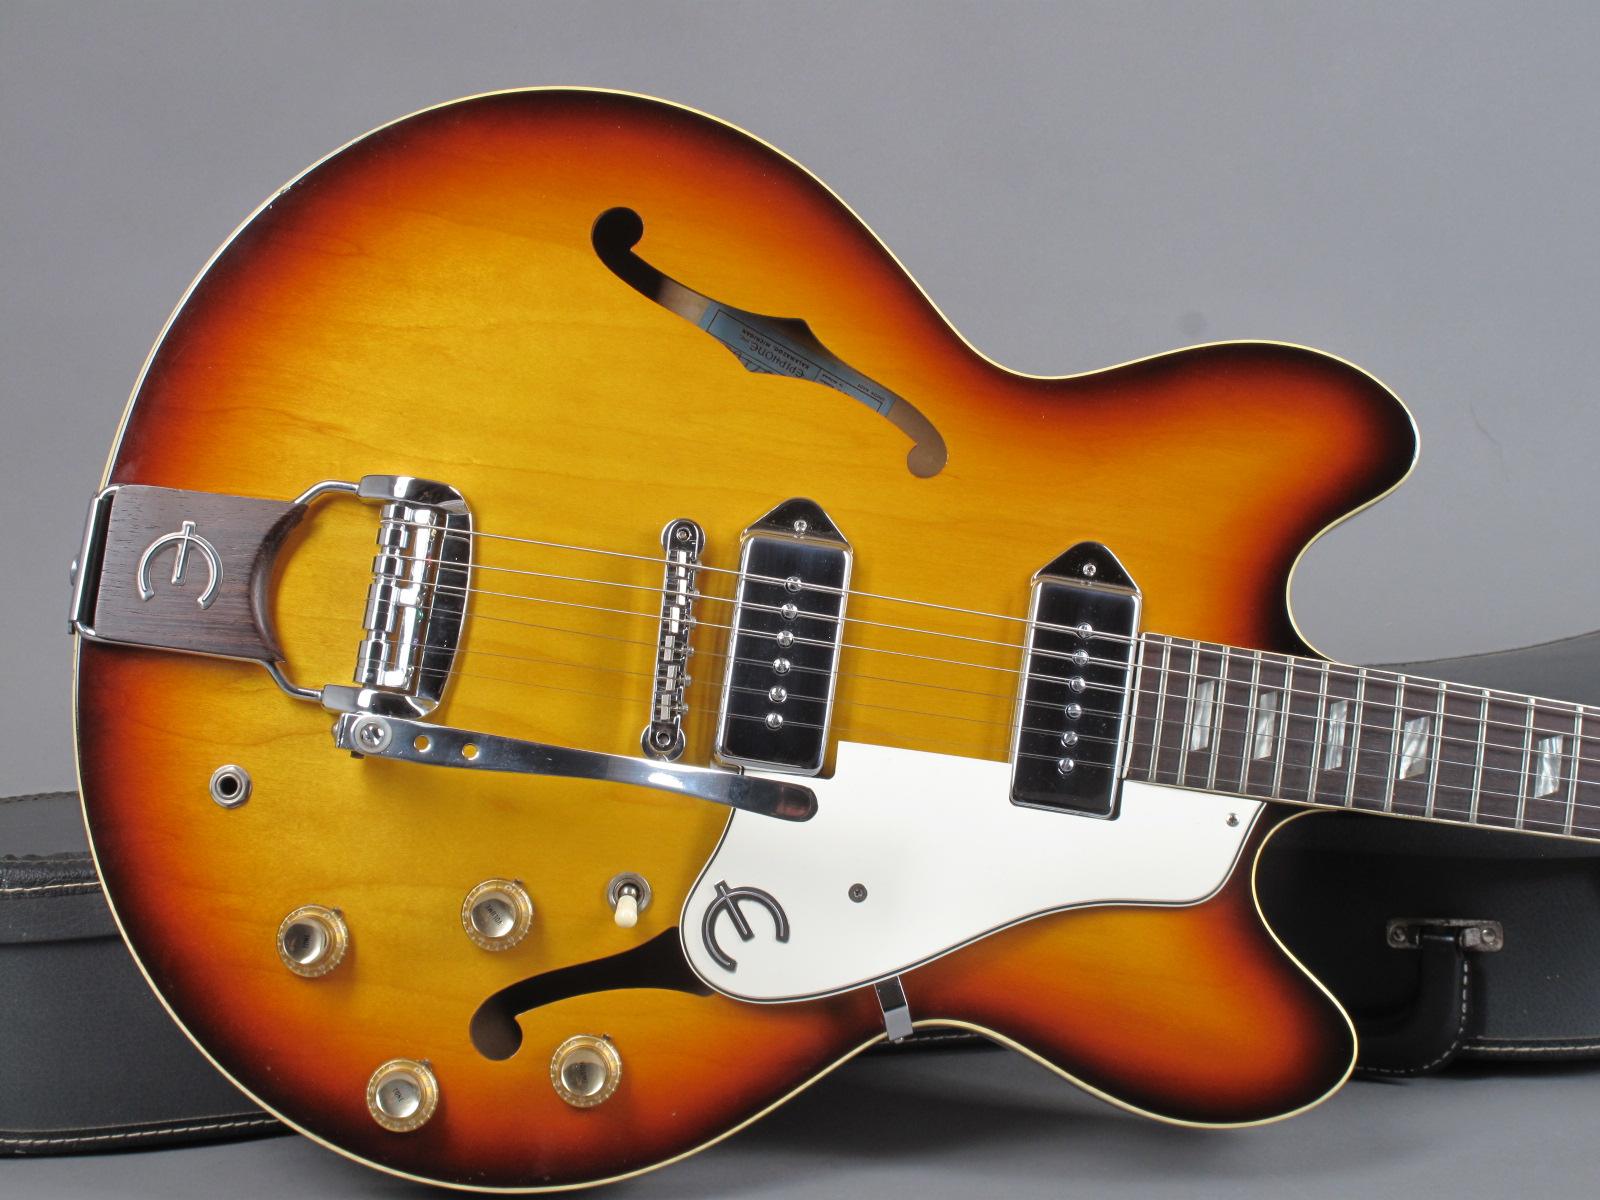 https://guitarpoint.de/app/uploads/products/1966-epiphone-casino-e230td-sunburst/1967-Epiphone-Casino-E230TD-857101-10.jpg